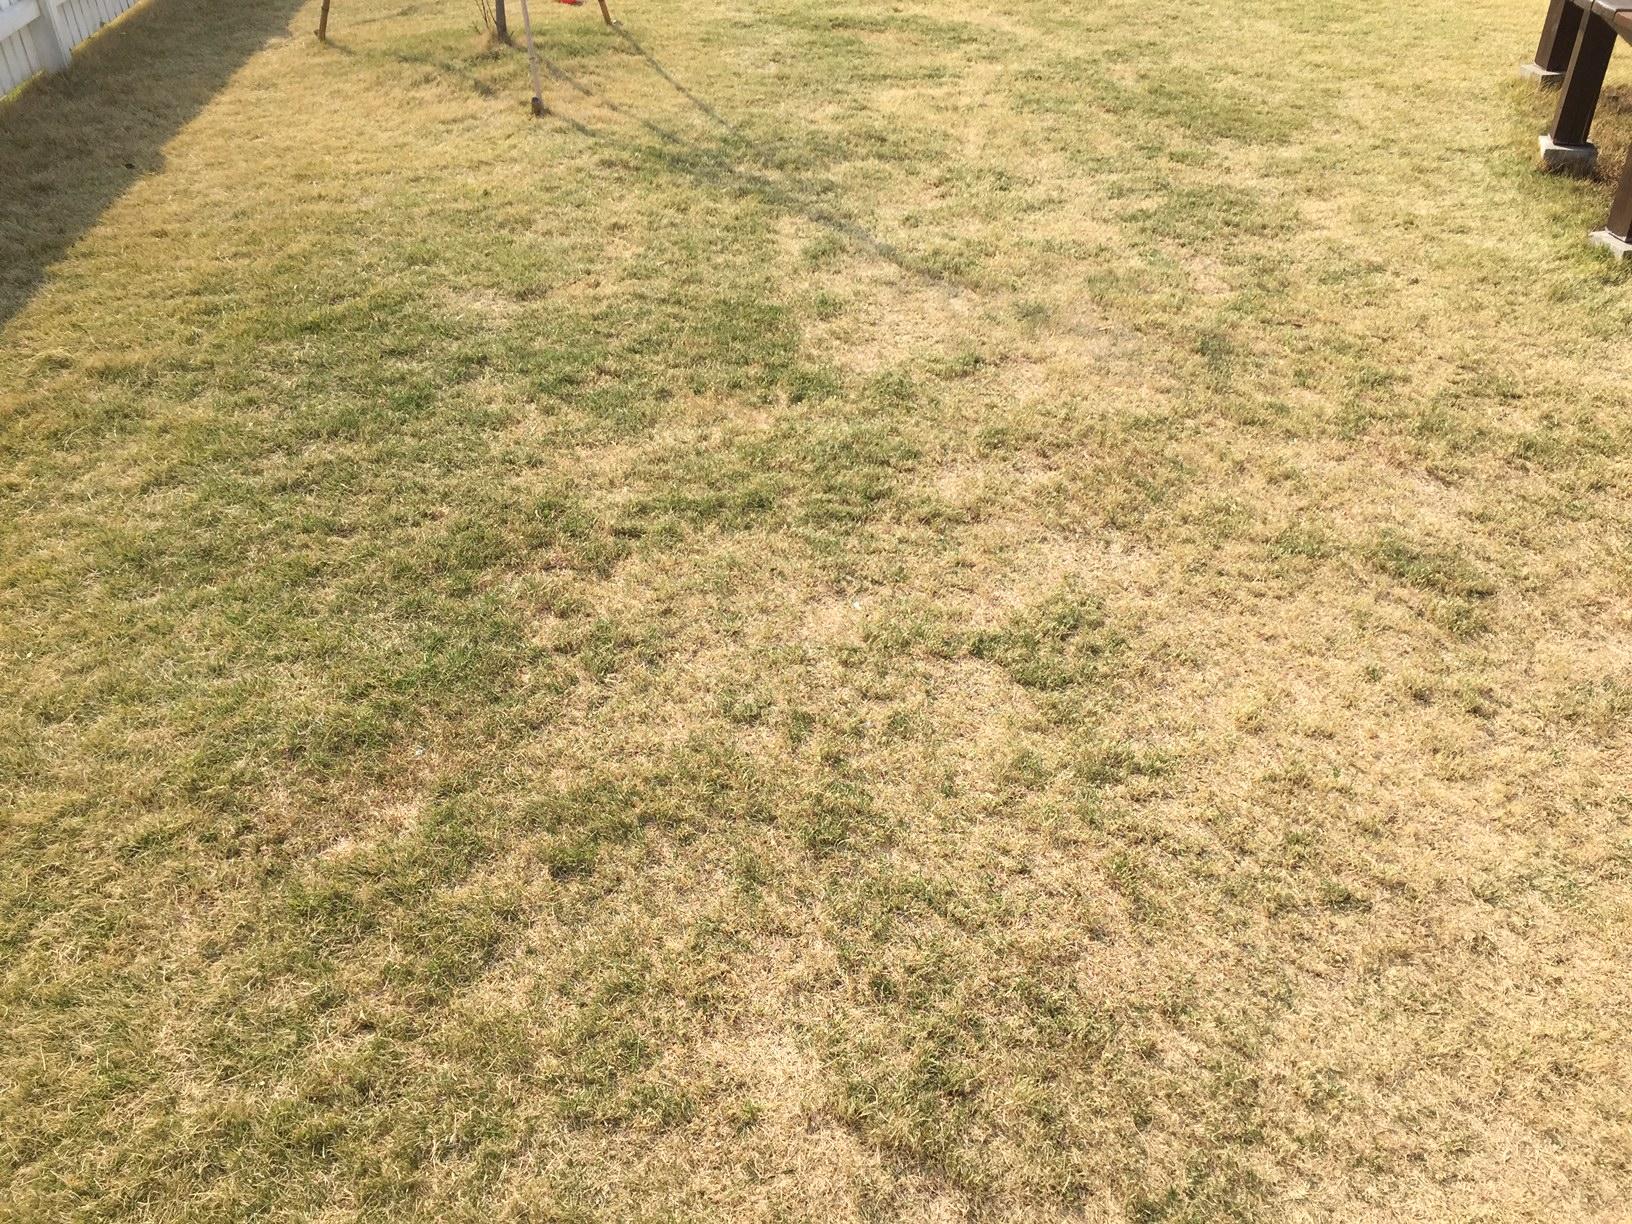 2020.05.02 芝生の状況